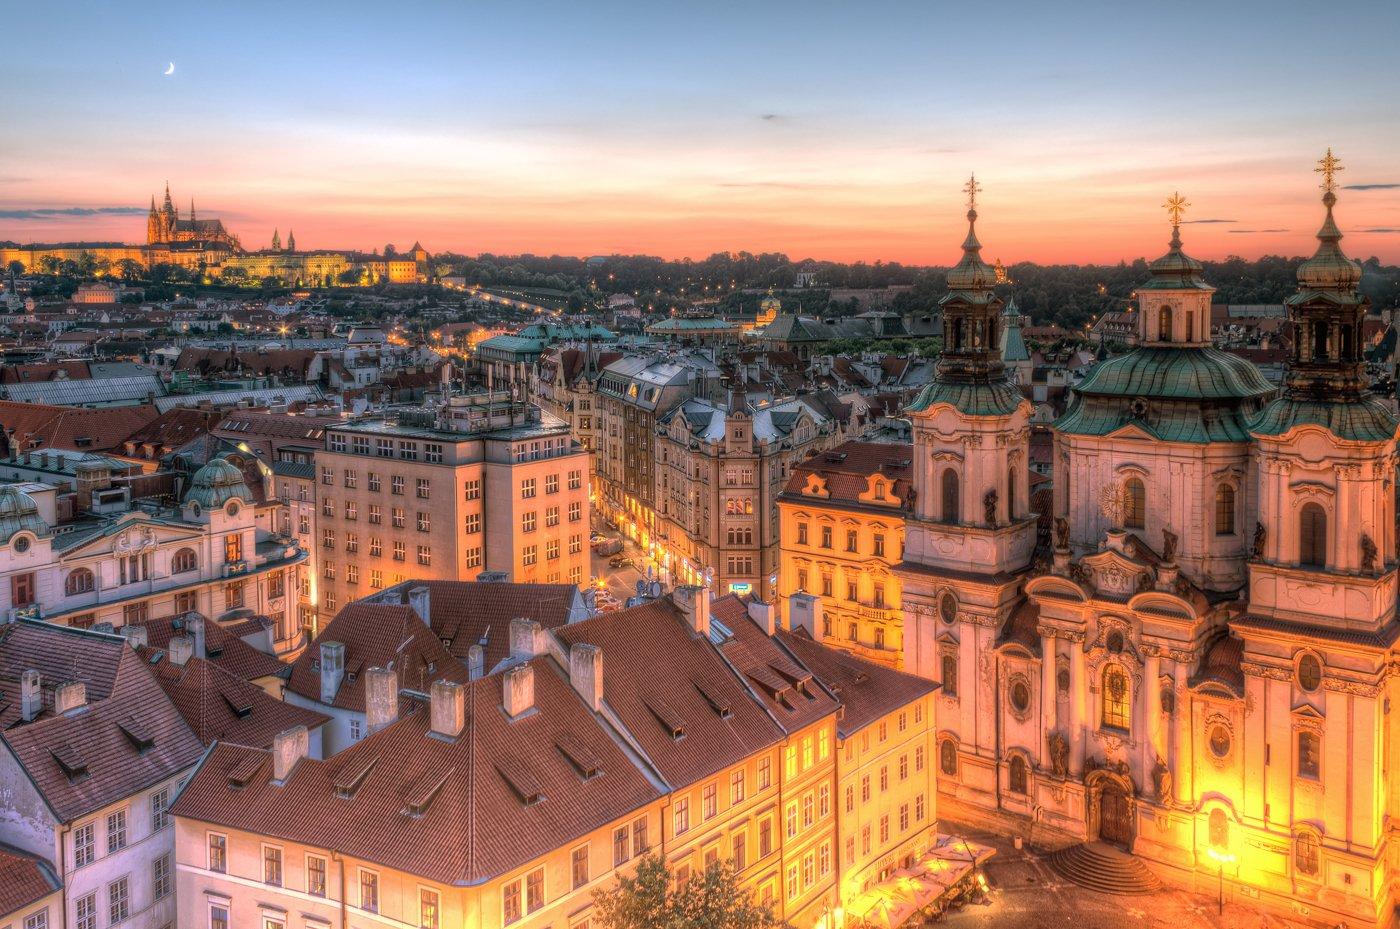 Königsweg in Prag vom Marktplatz zur Burg